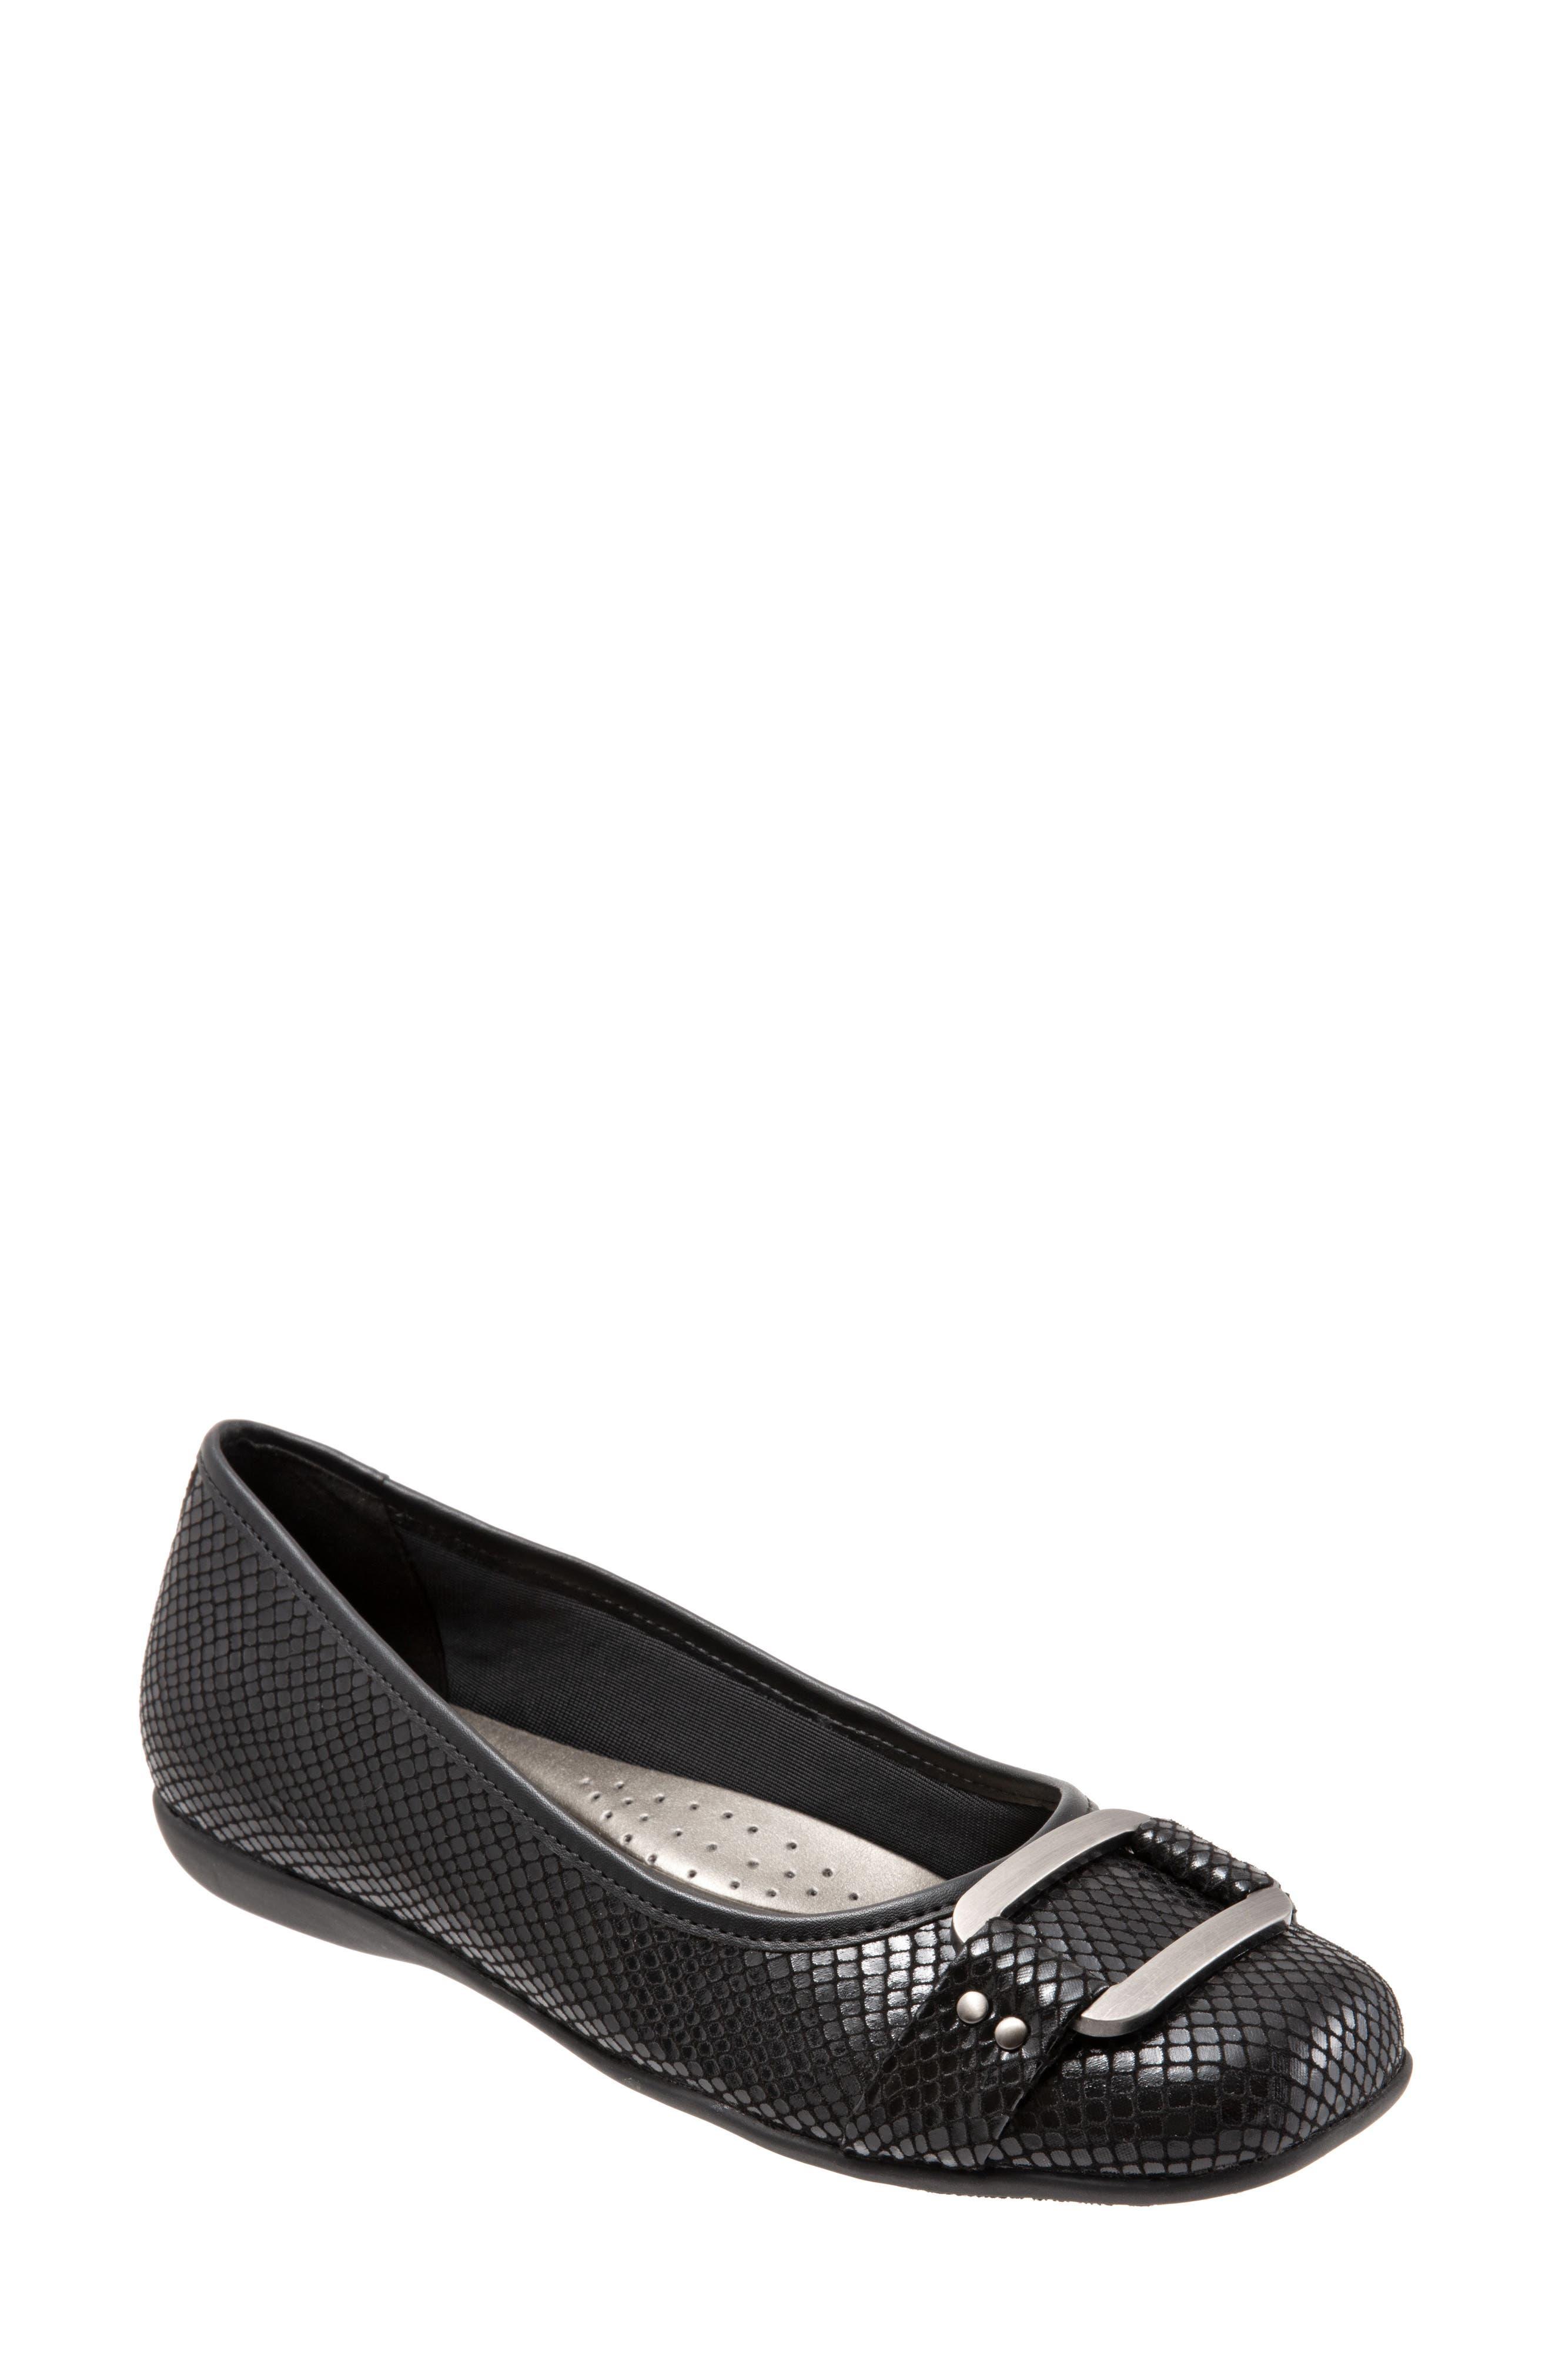 6a383027ce0 Trotters Shoes Women s Flats